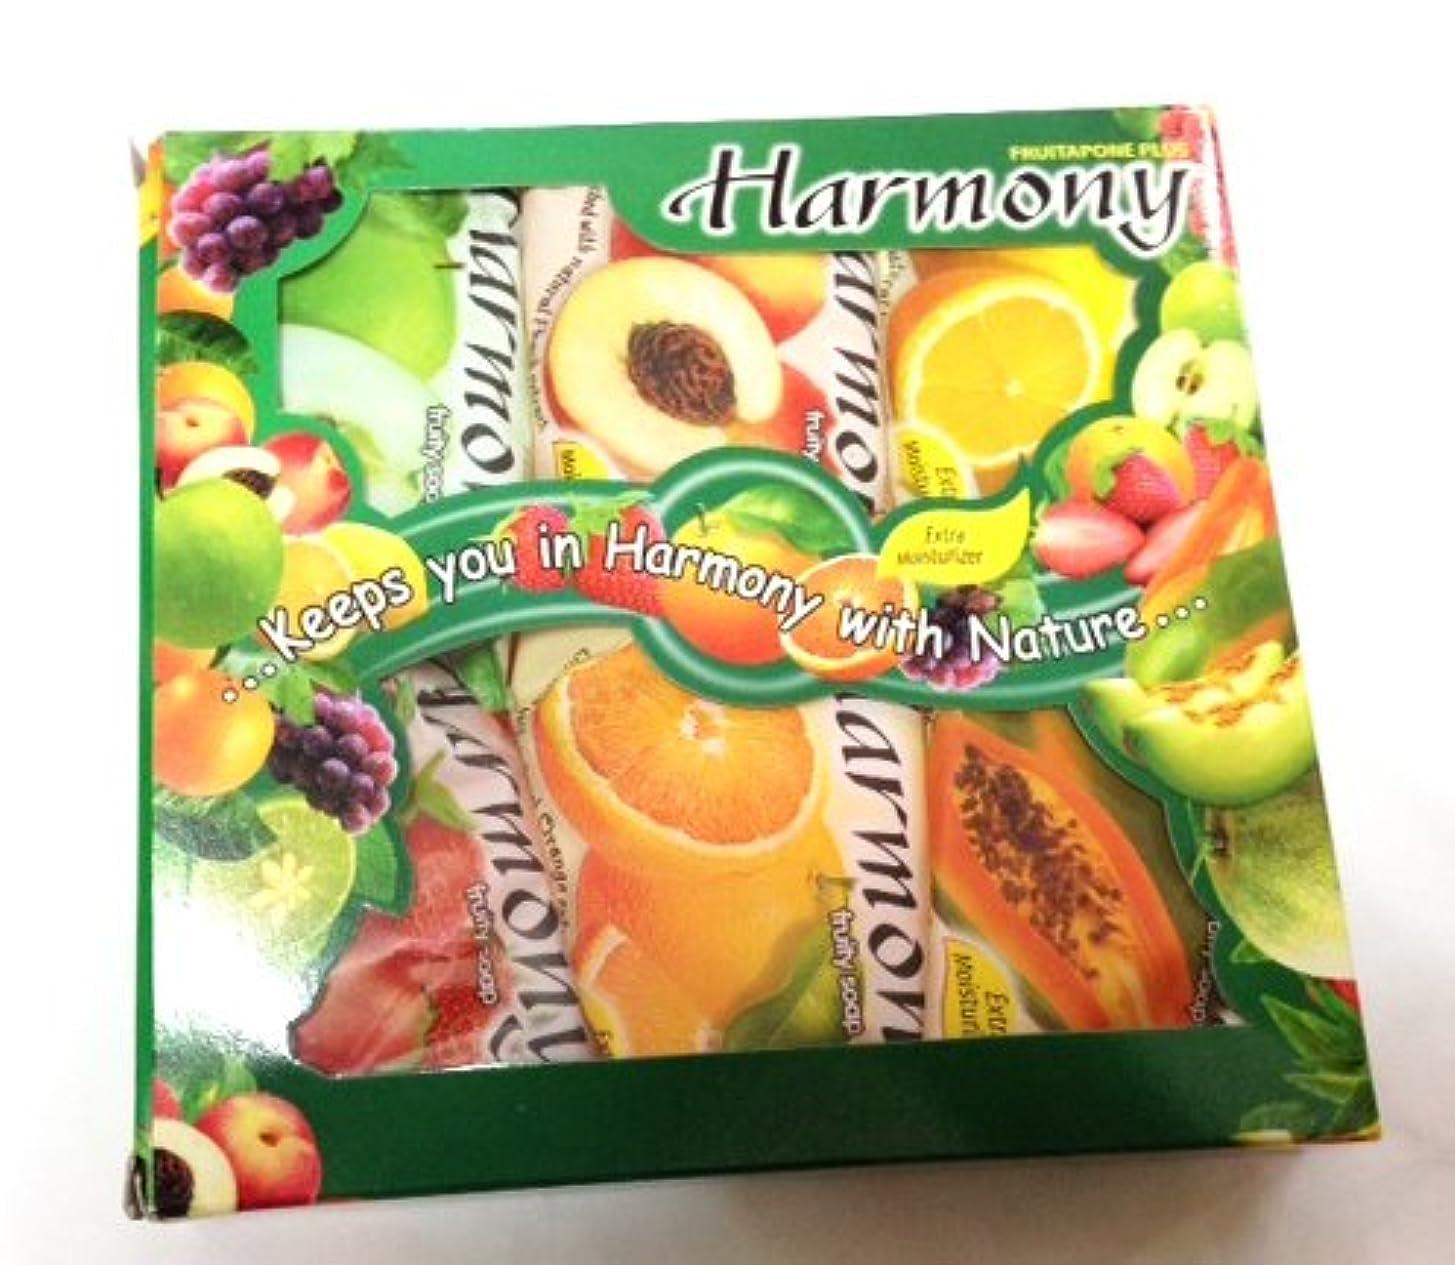 ビルダー市長再発するハーモニー フルーティーソープ 6個セット パパイヤ ピーチ オレンジ レモン アップル イチゴ